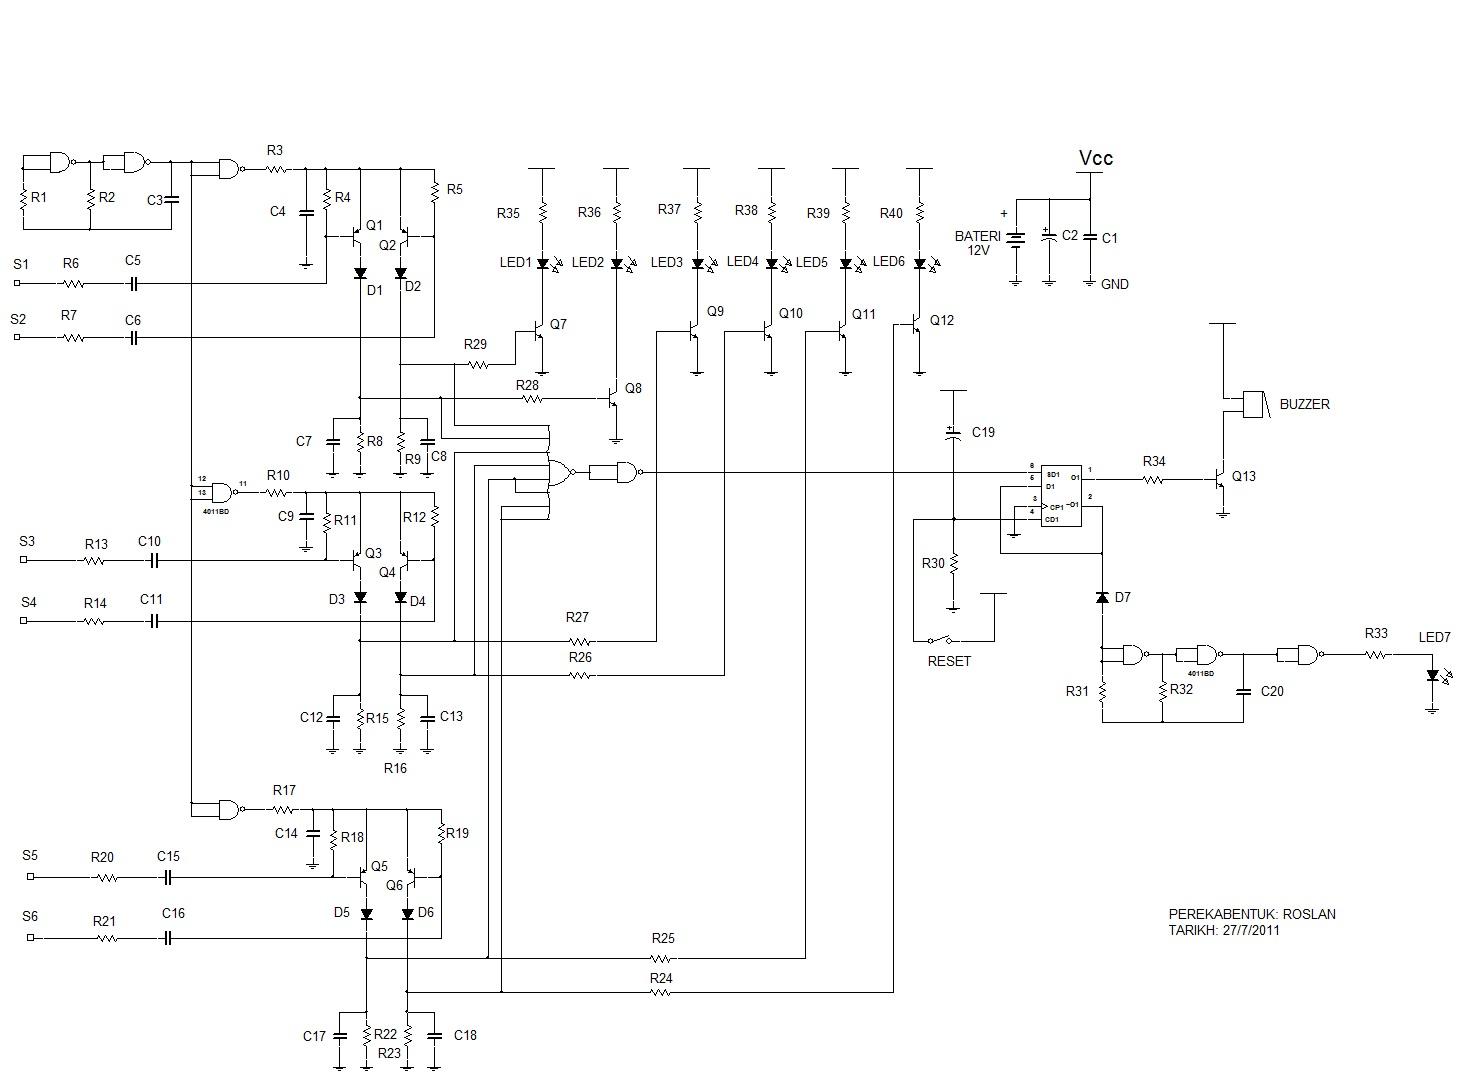 Projek Elektronik Litar Pic Atmel Microcontroller Rf Circuit Design Y Parameter Seperti Melakukan Yang Lain Kerja Ni Agak Leceh Sedikit Kena Buat Sensor Wiring Ujian Dan